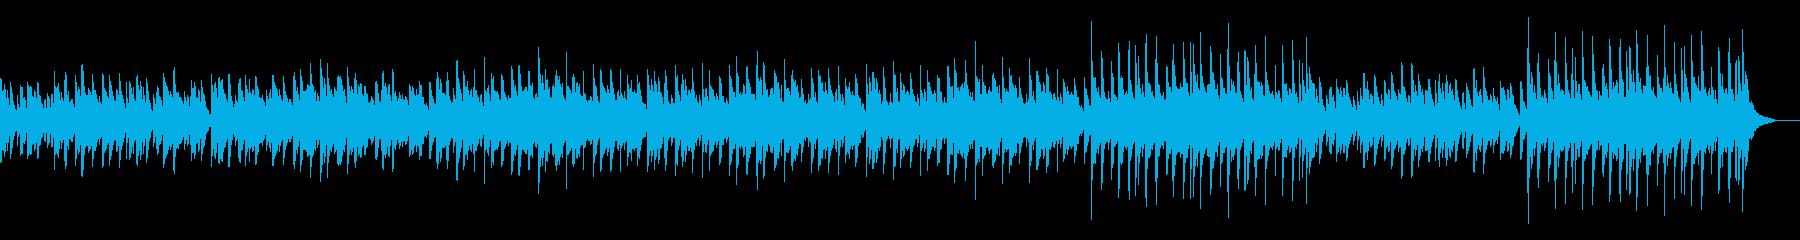 冬の映像にぴったりな感動系BGMの再生済みの波形